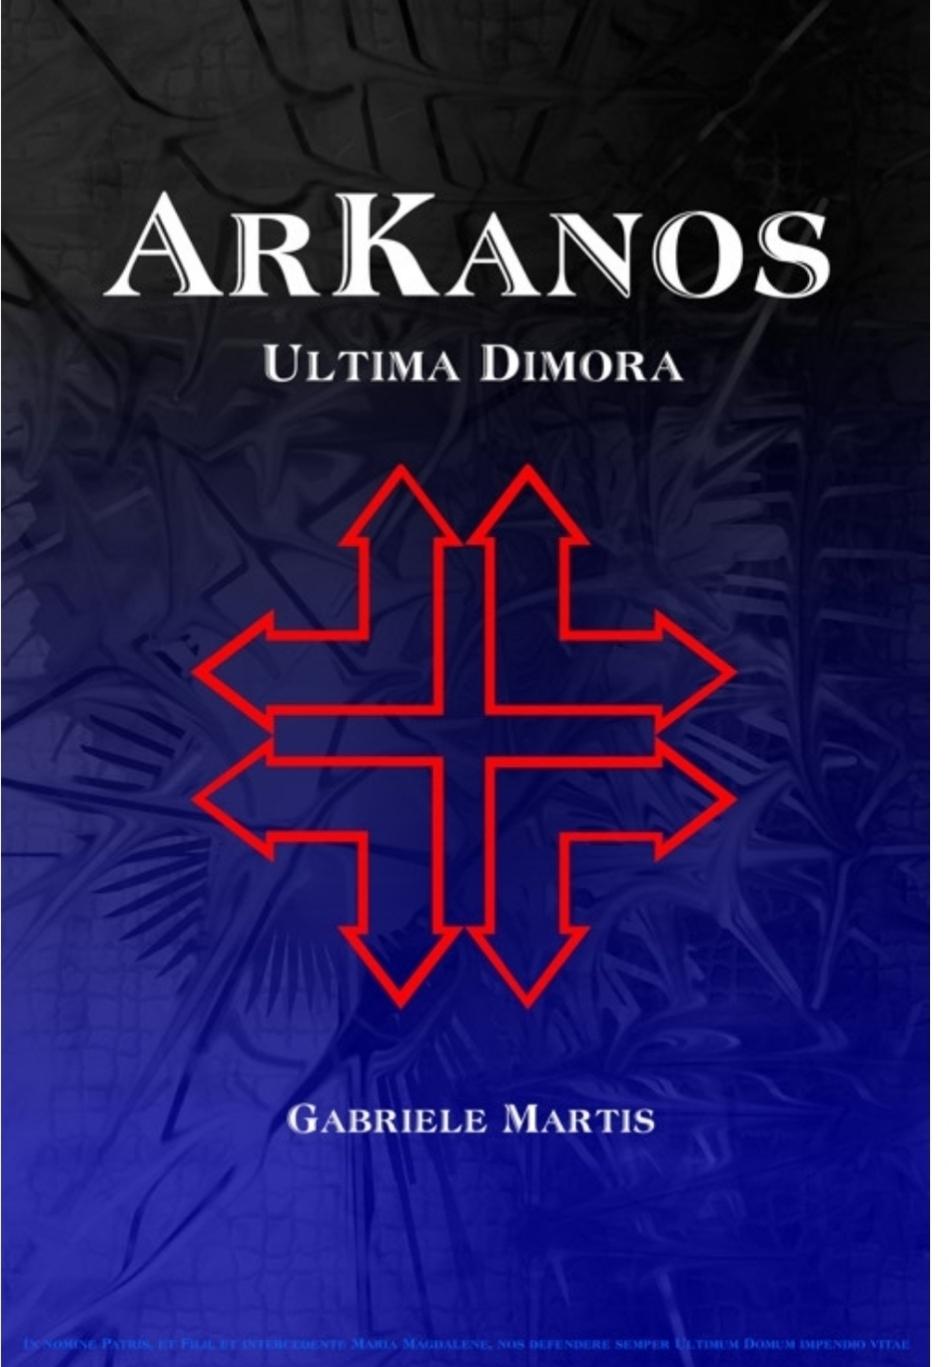 Recensione Secondo volume ArKanos -Ultima Dimora di Gabriele Martis di Daniela Sardella